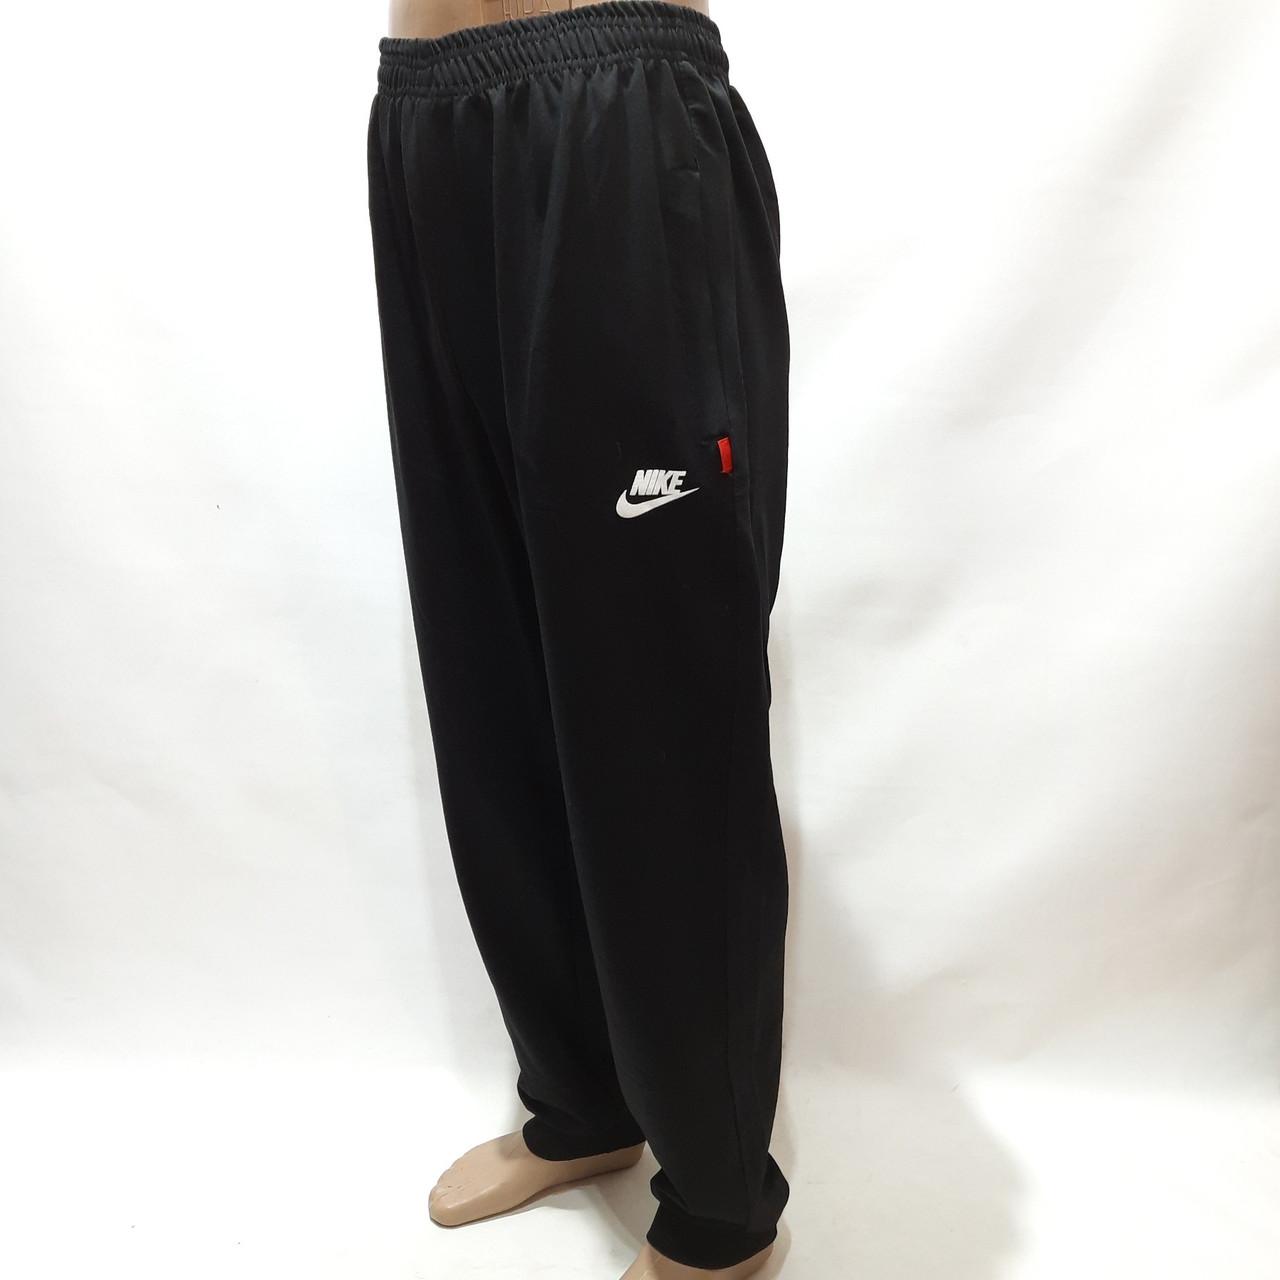 Чоловічі штани під манжет (Більше розміри) в стилі Nike відмінної якості чорні